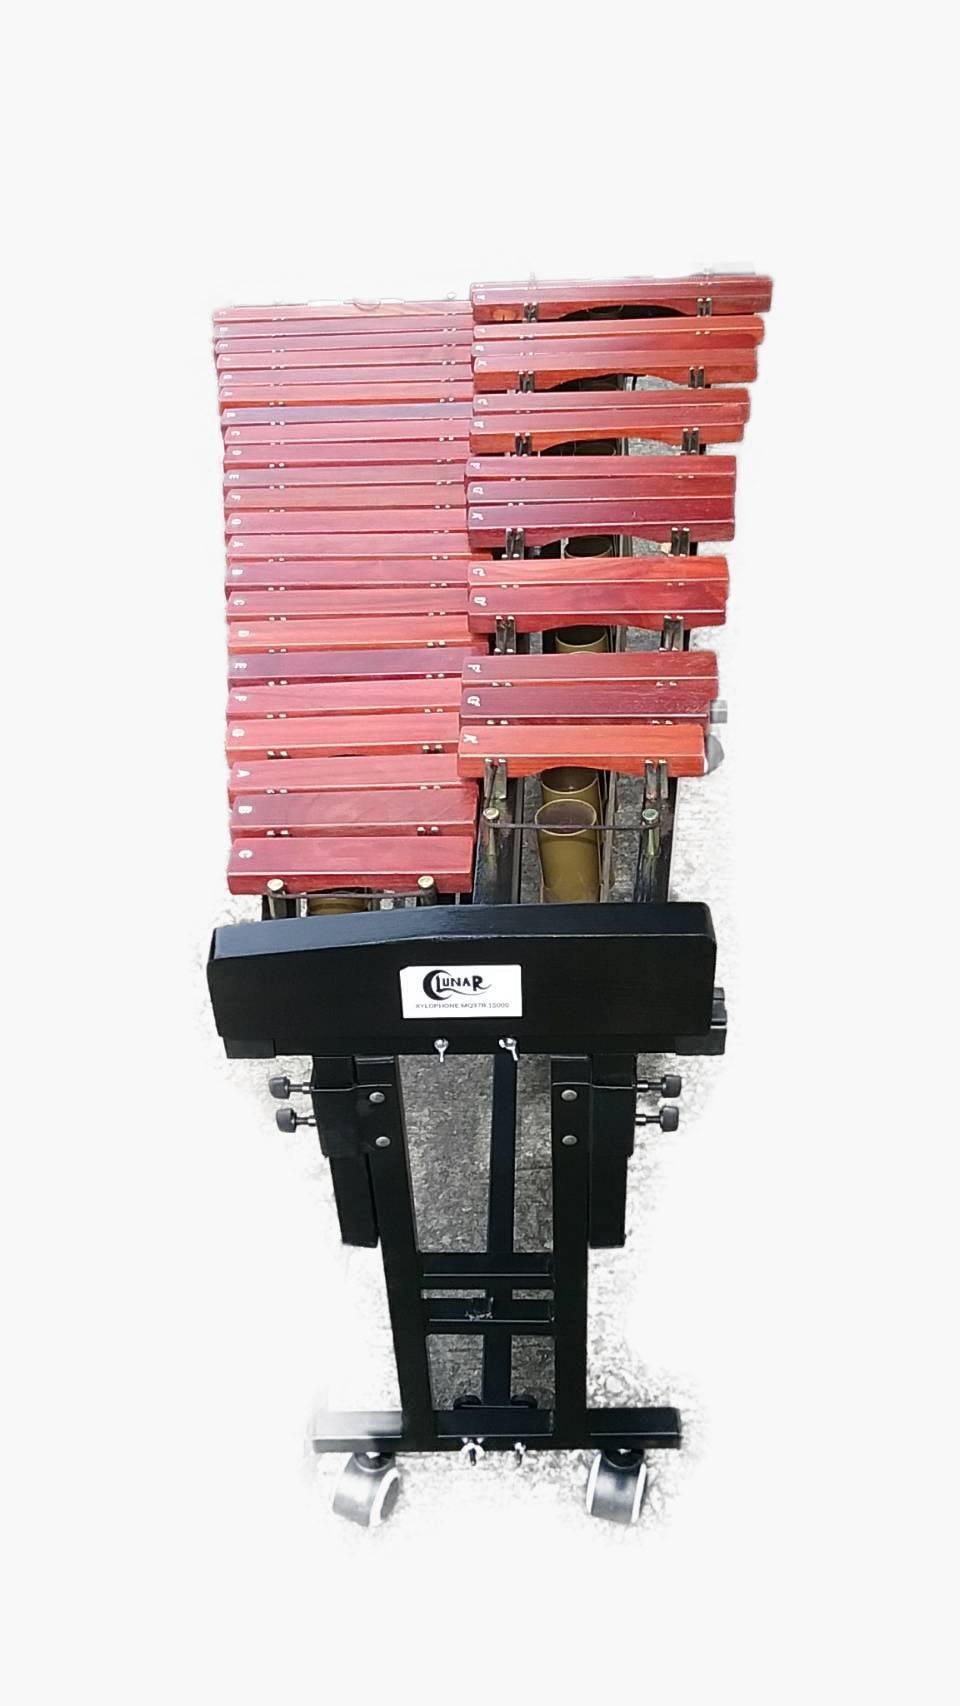 ไซโลโฟน 532M ยี่ห้อ Lunar รุ่น MQ32B ไซโล โฟน ทำด้วยวัสดุชั้นดี พร้อมไม้ตีสำหรับไซโลโฟน ที่มีคุณภาพด